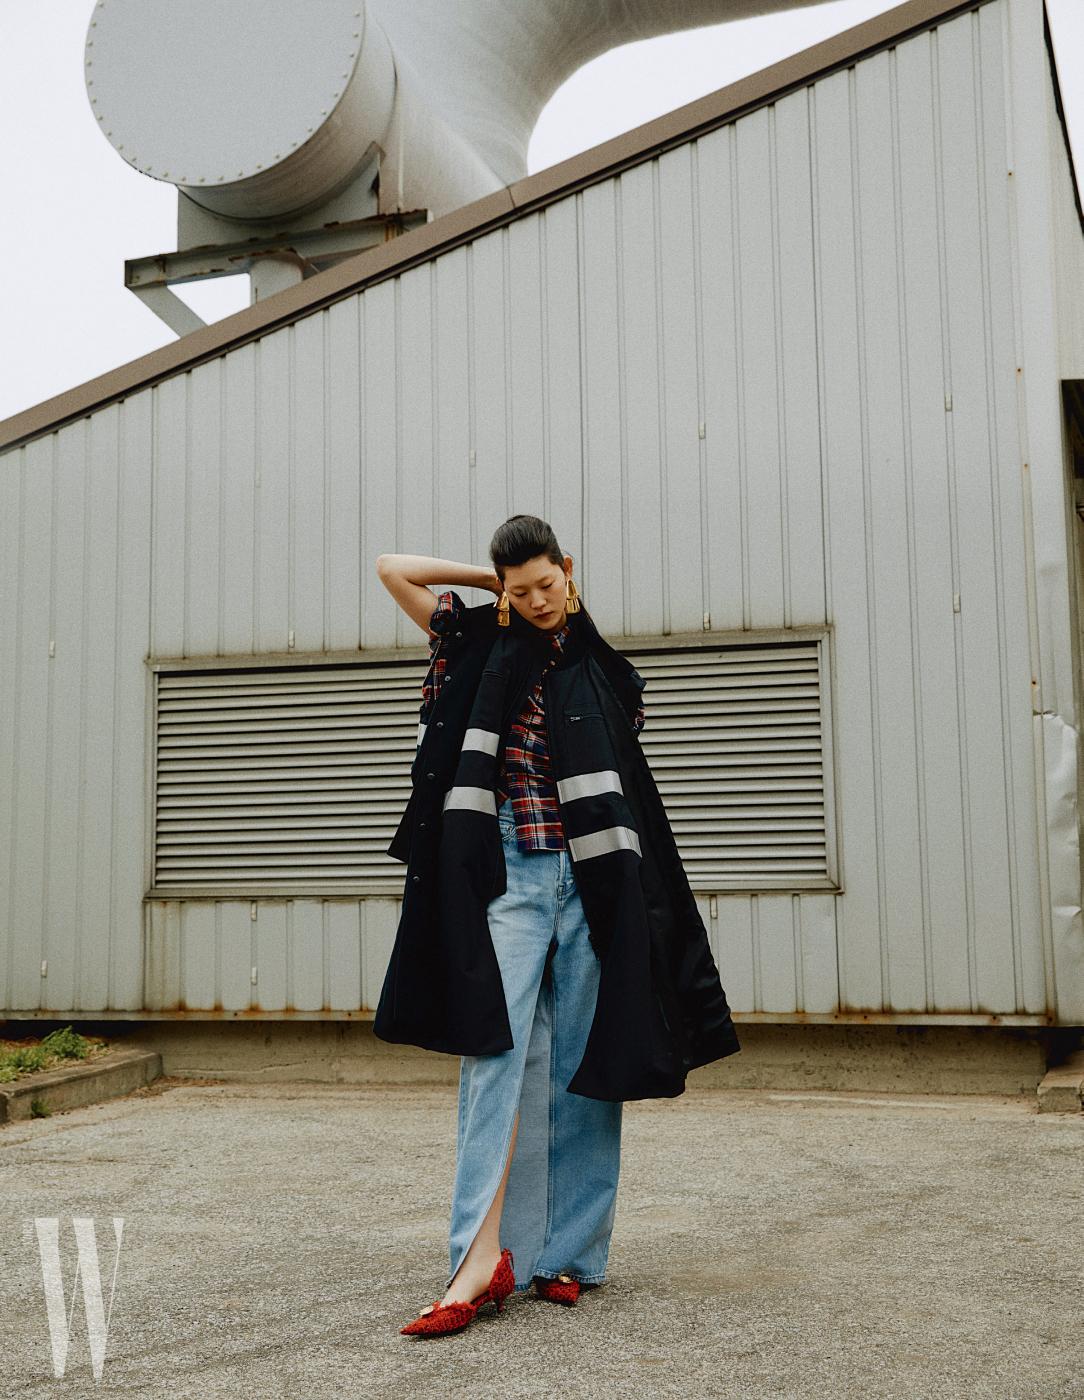 큼지막한 카 코트, 플란넬 셔츠, 트위스트 데님 팬츠, 트위드 소재 펌프스, 조형적인 귀고리는 모두 발렌시아가 제품.